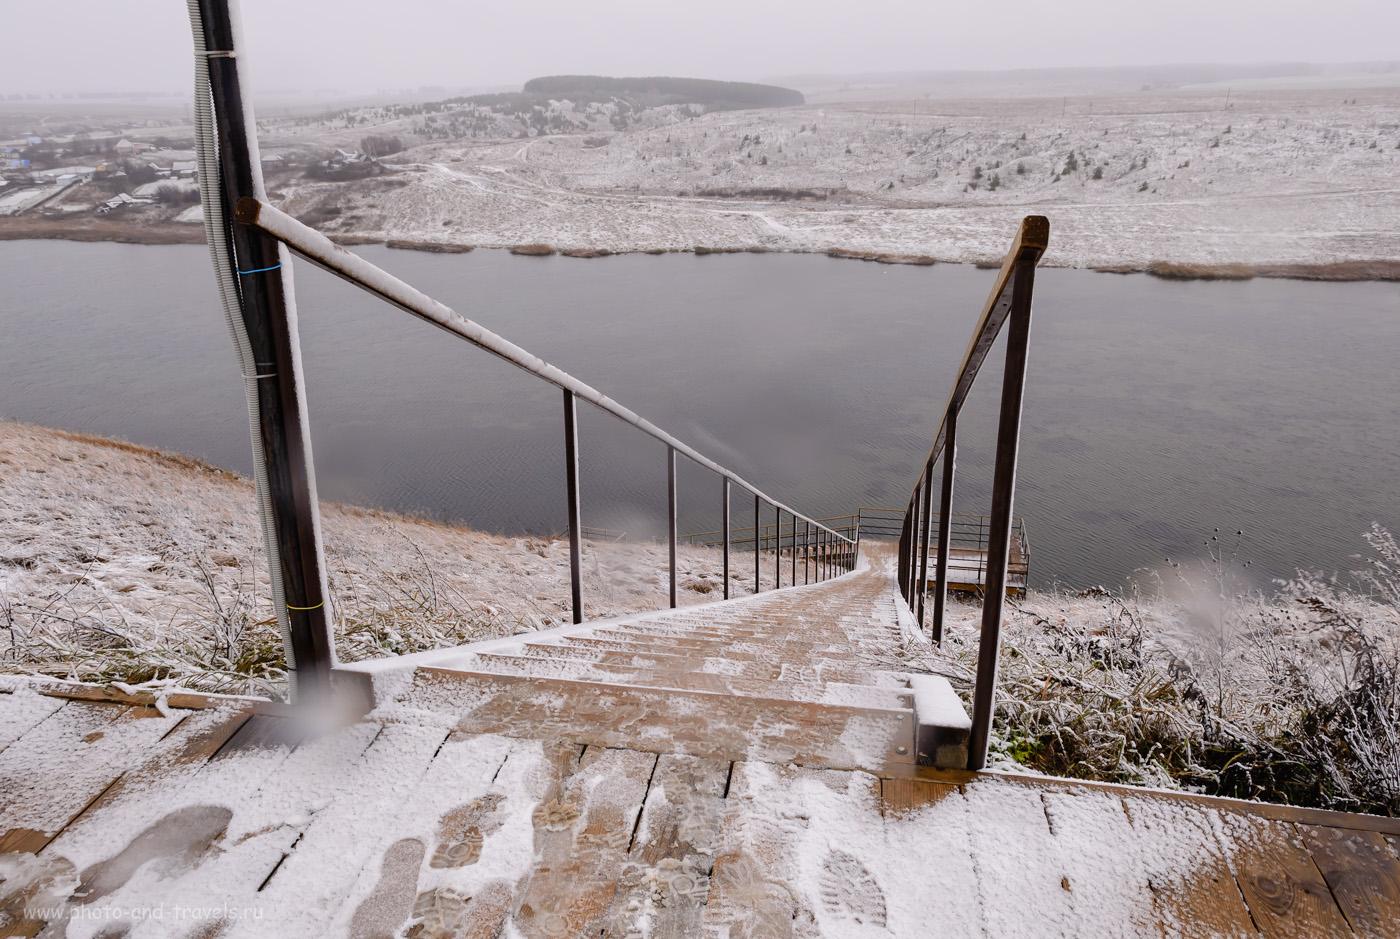 Фото 47. Лестница, по которой спелеологи спускаются в Ординскую пещеру. Вид на пруд на реке Кунгур. Отчет о поездке в село Орда в Пермском крае. 1/25, +1.33, 8.0, 320, 17.